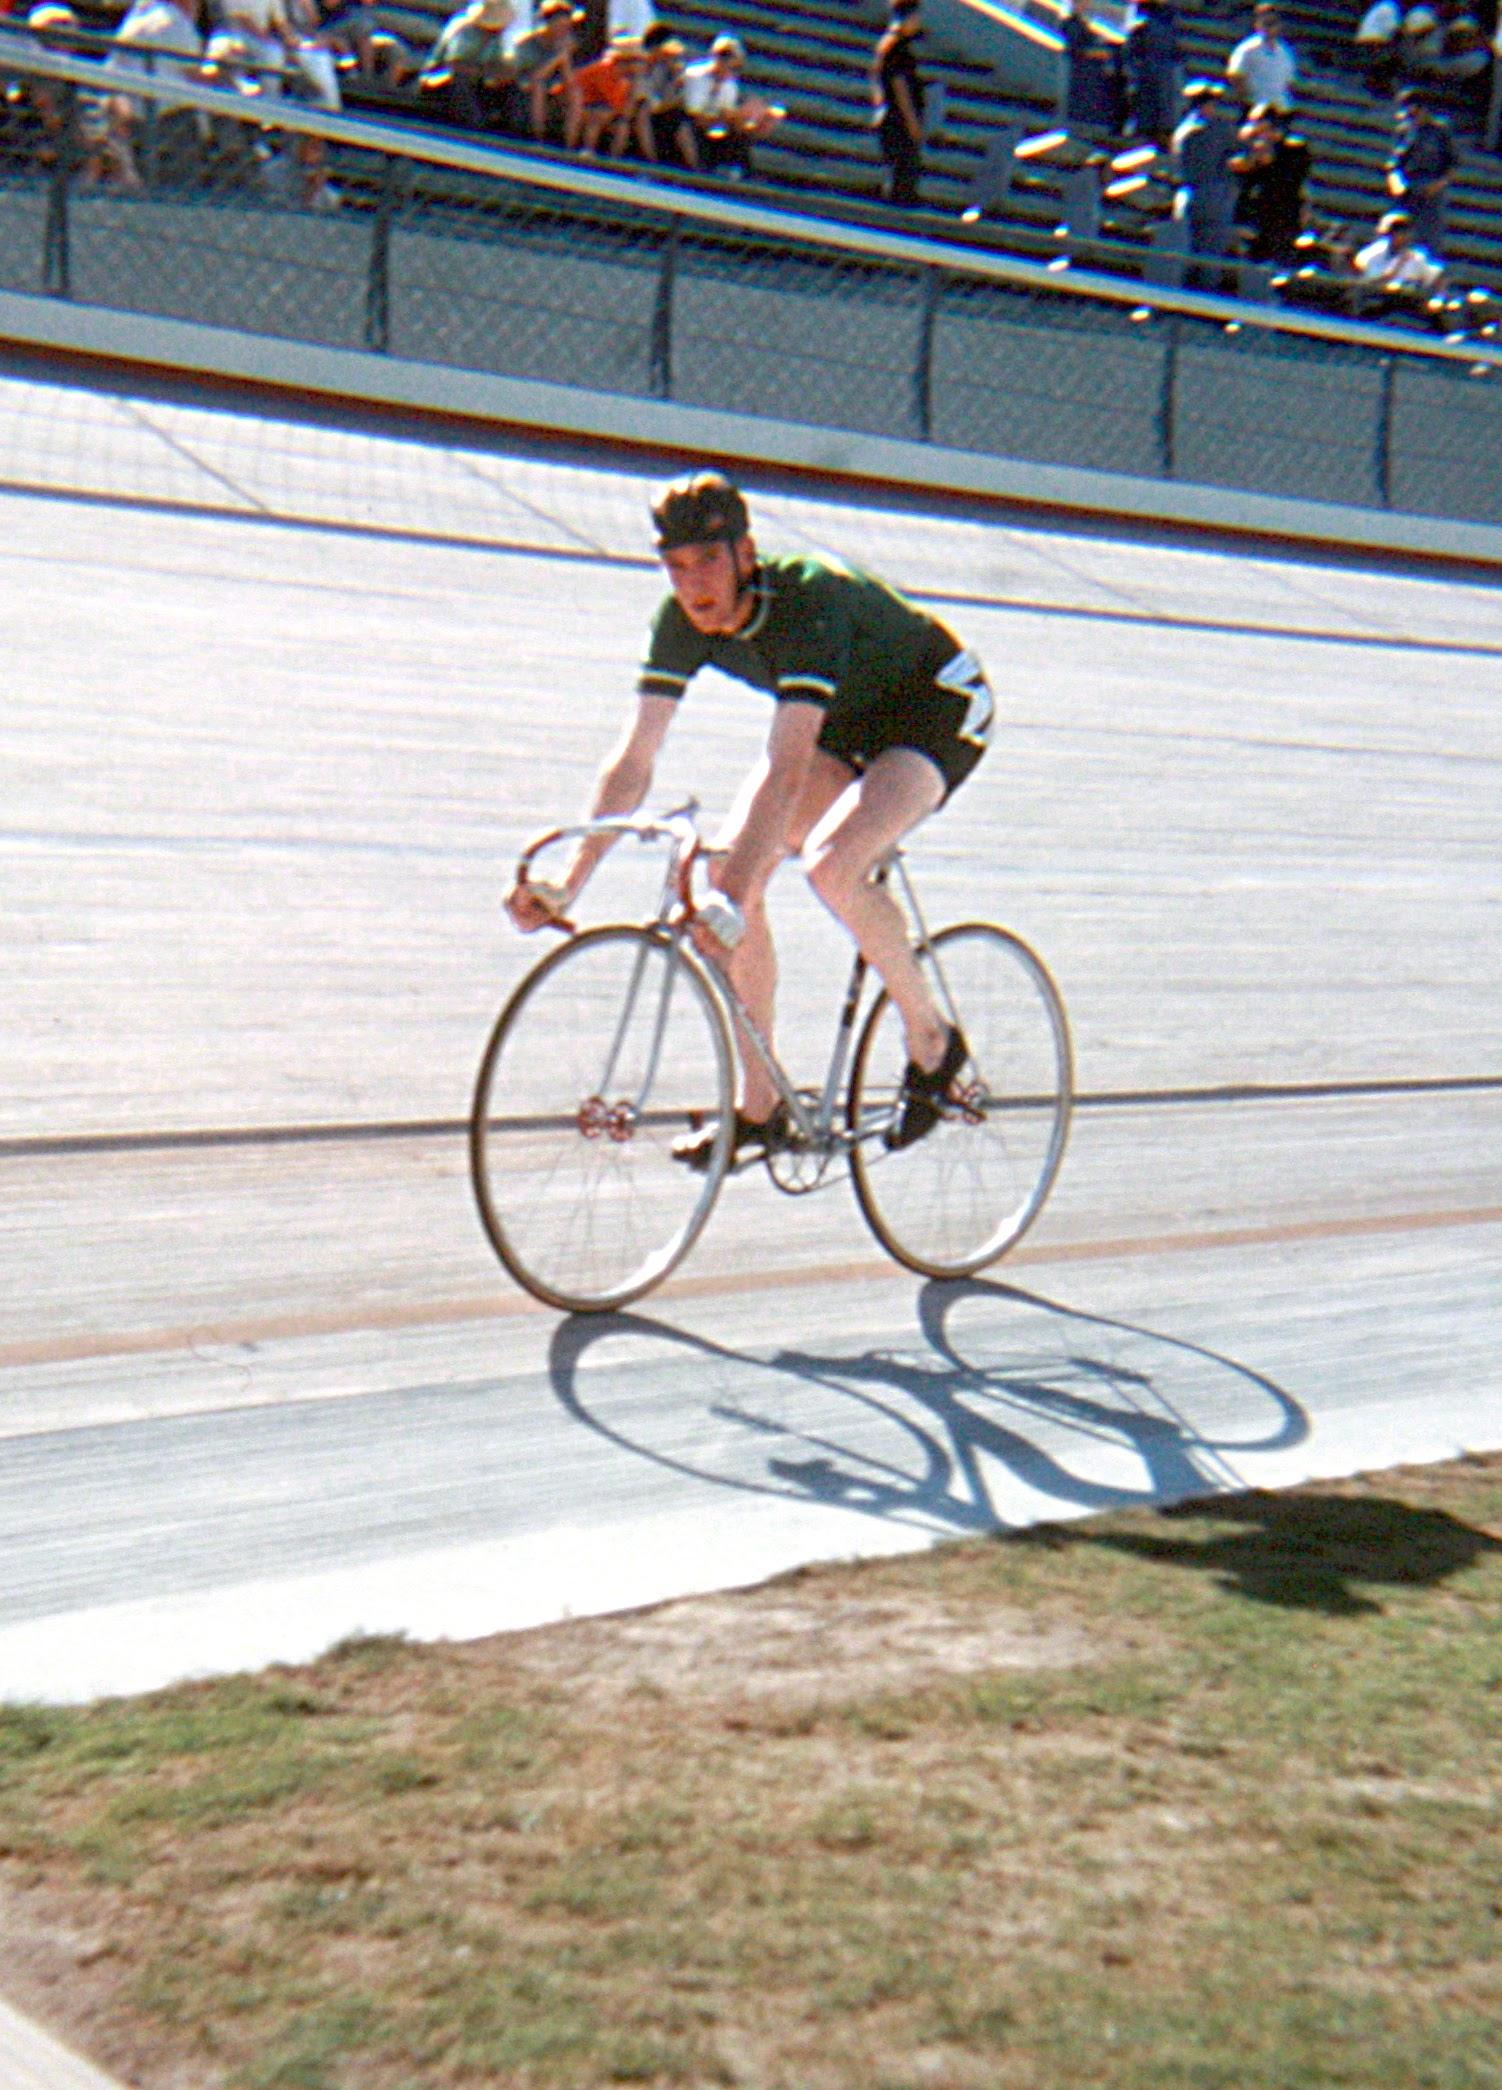 Mick Horgan warming up at the velodrome. (Photo: © Sean B. Fox)